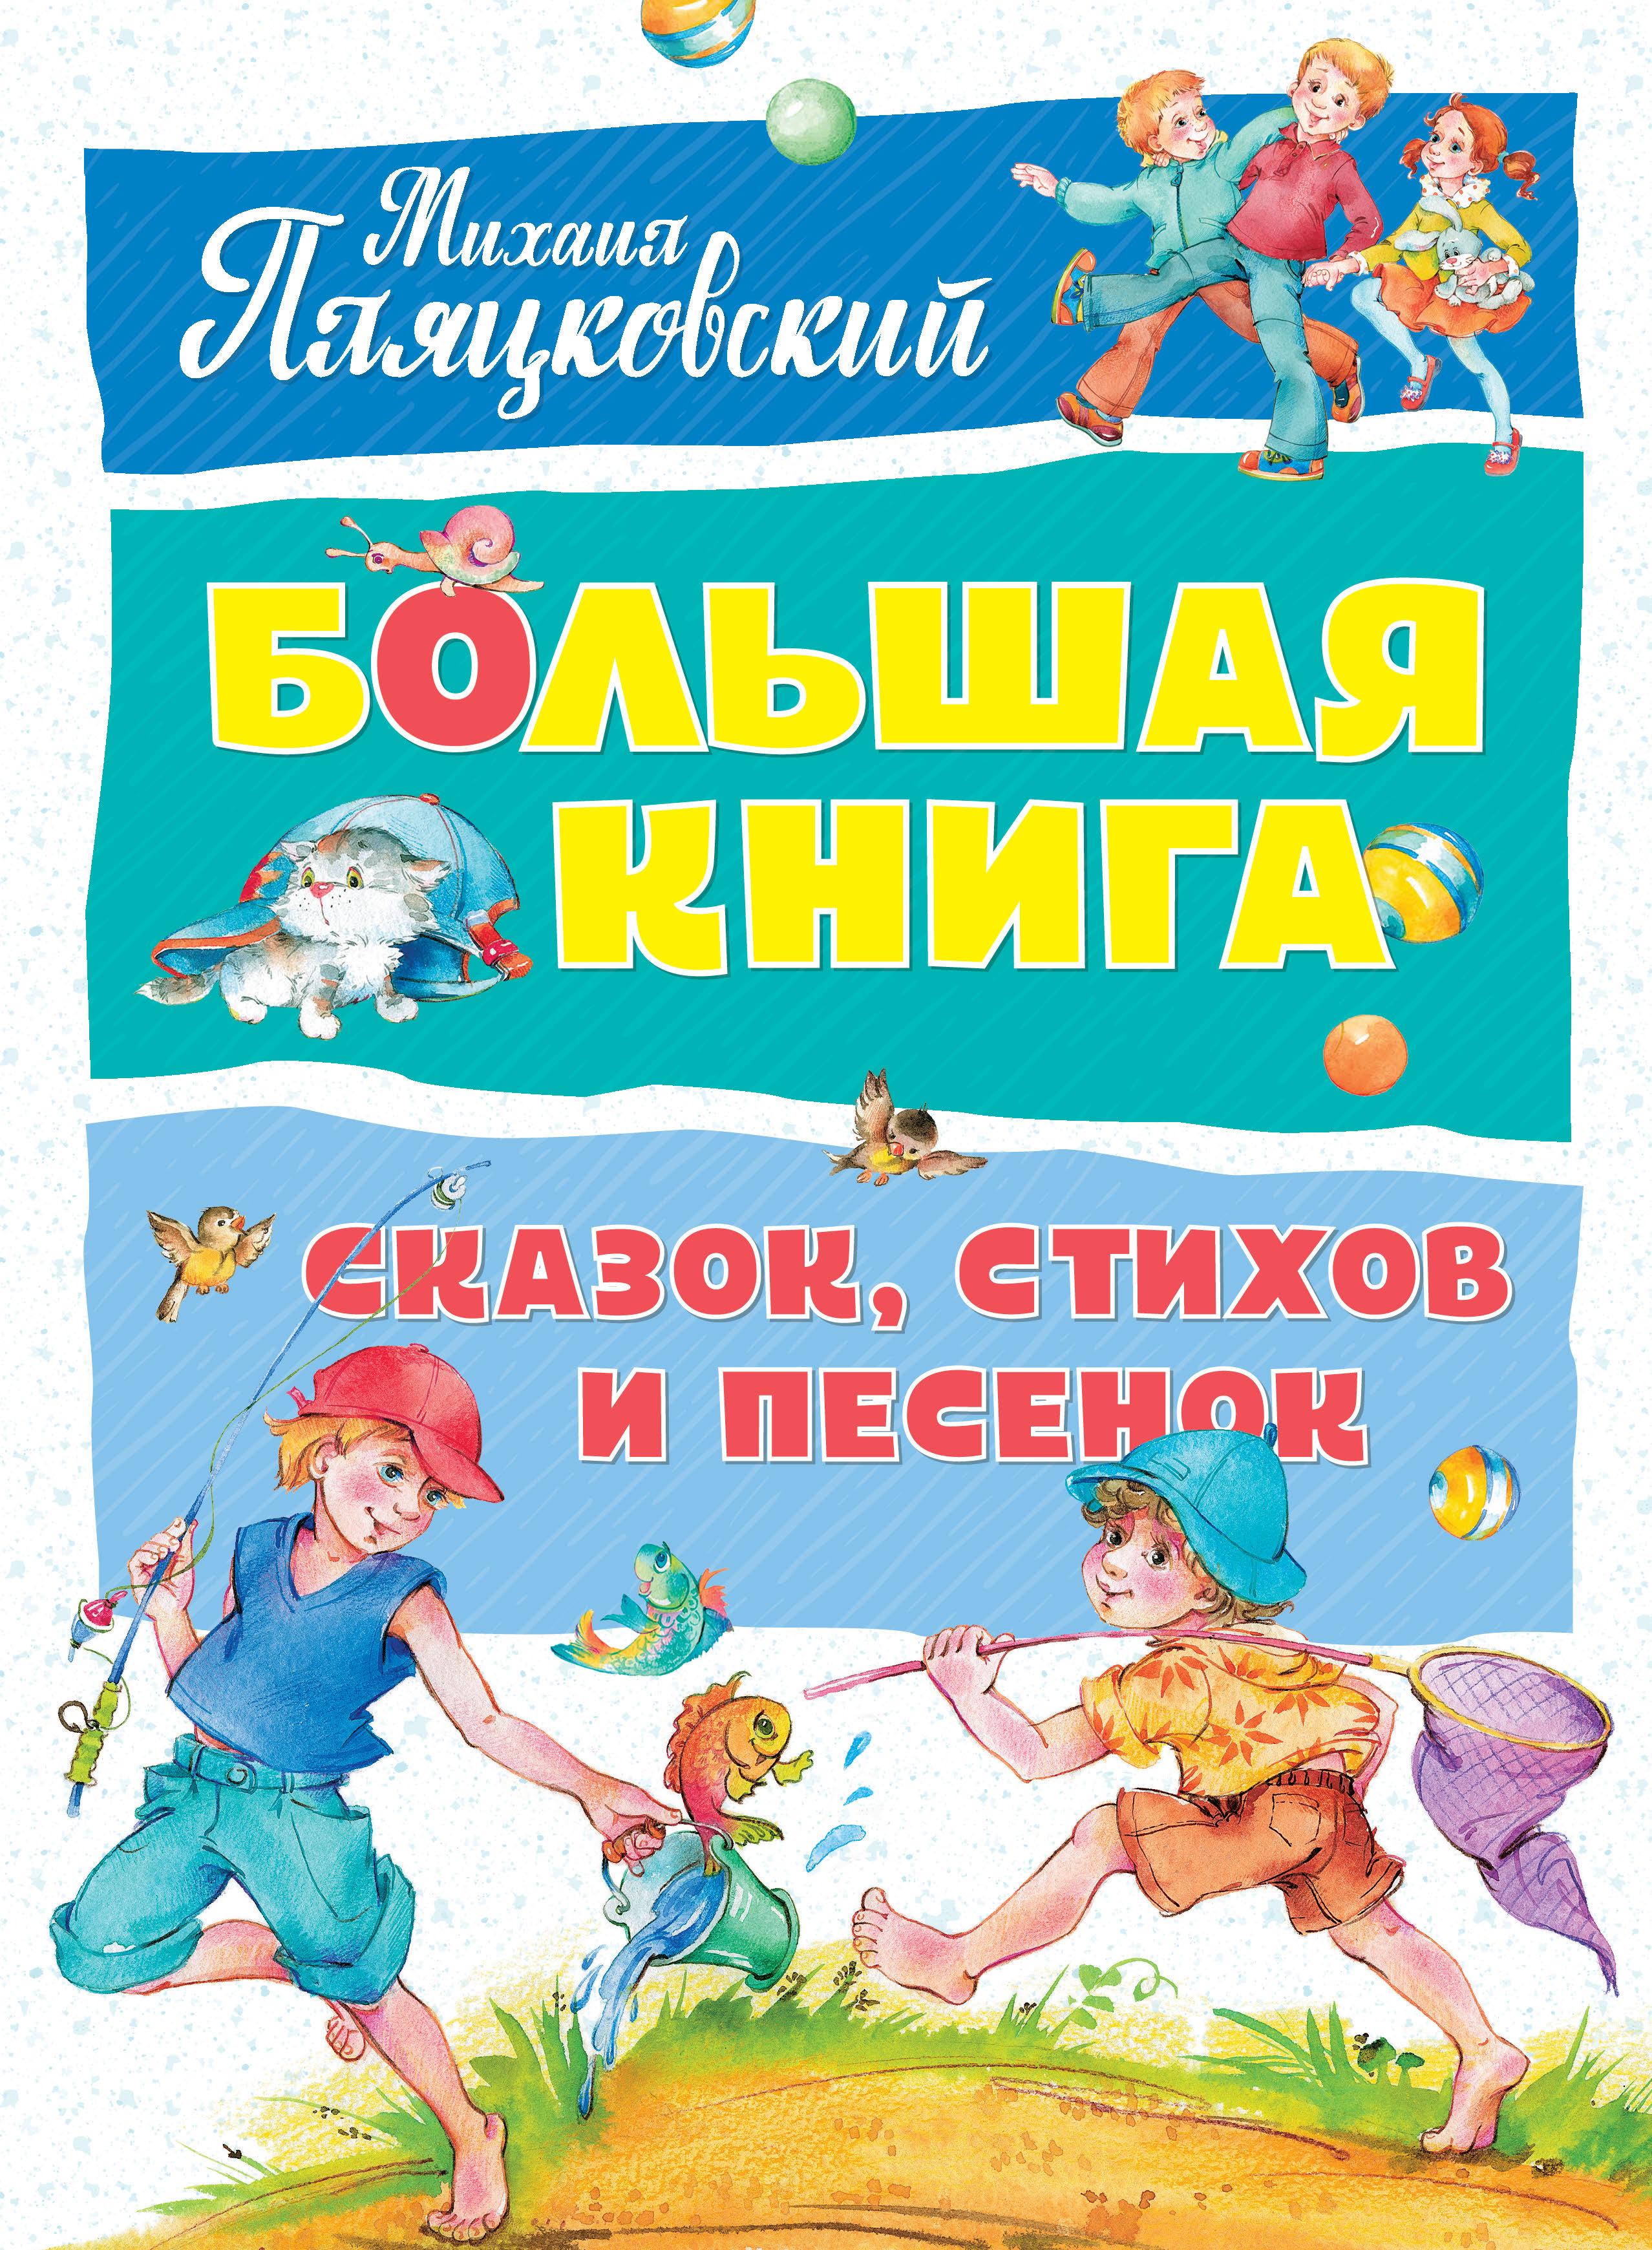 Михаил Пляцковский Большая книга сказок, стихов и песенок